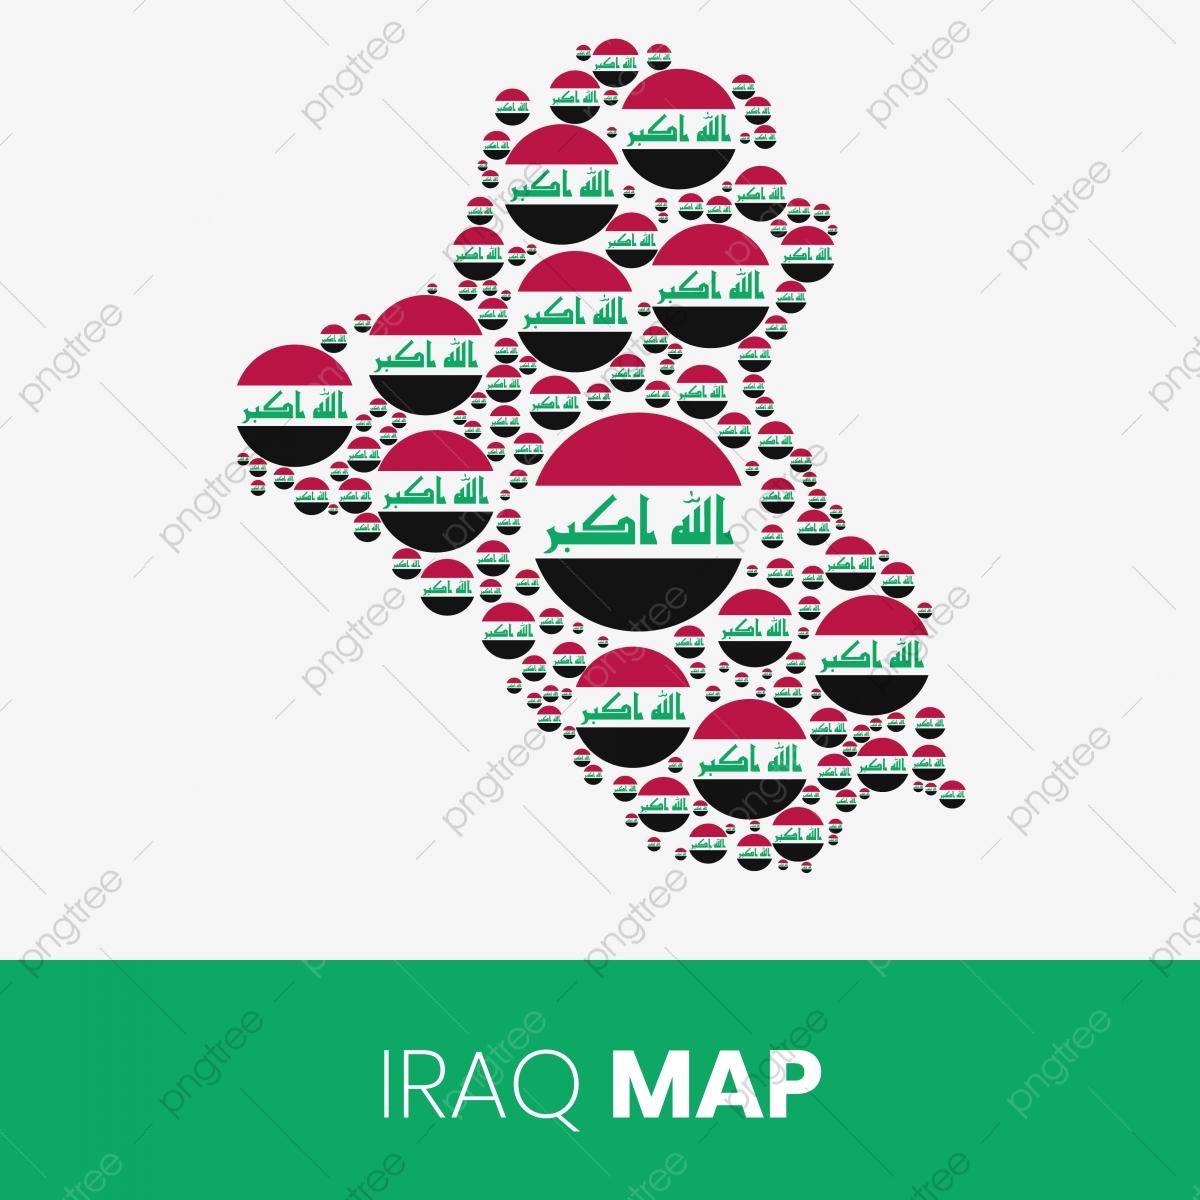 خريطة العراق مملوءة بدوائر على شكل العلم خريطة العراق مع العلم